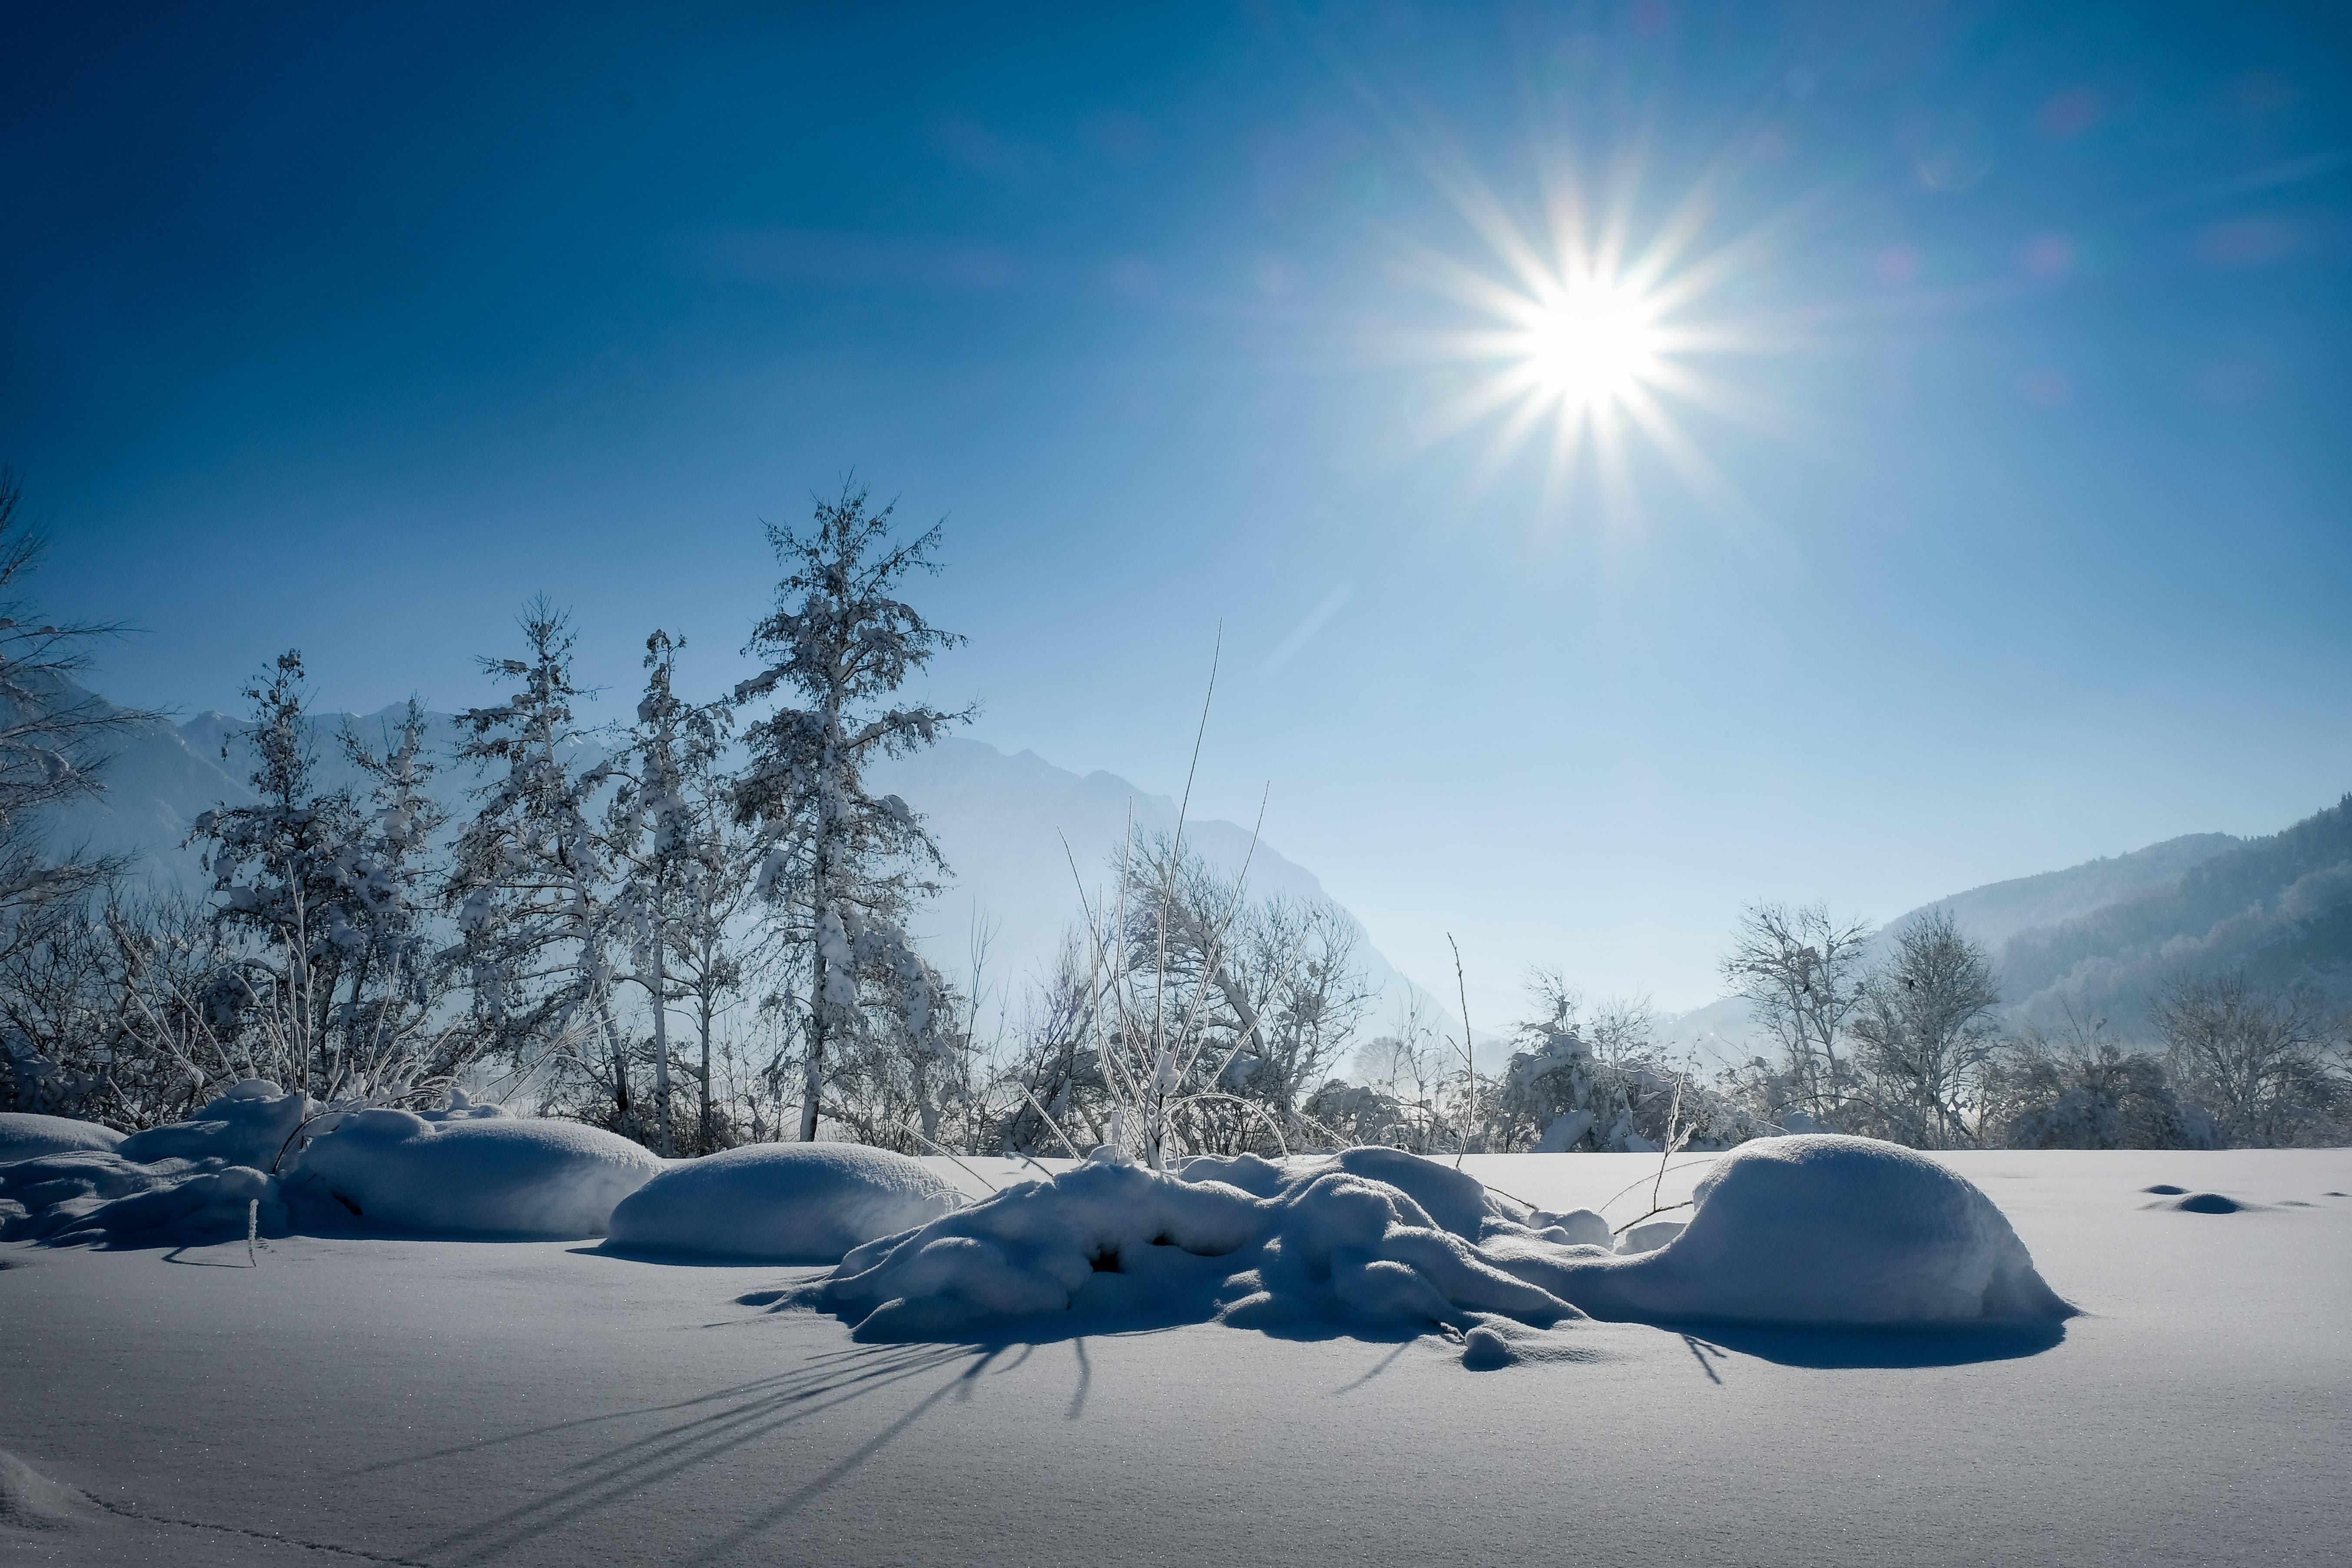 Am Samstag gab es viel Sonnenschein zu geniessen. Dieses Bild entstand in Sevelen.